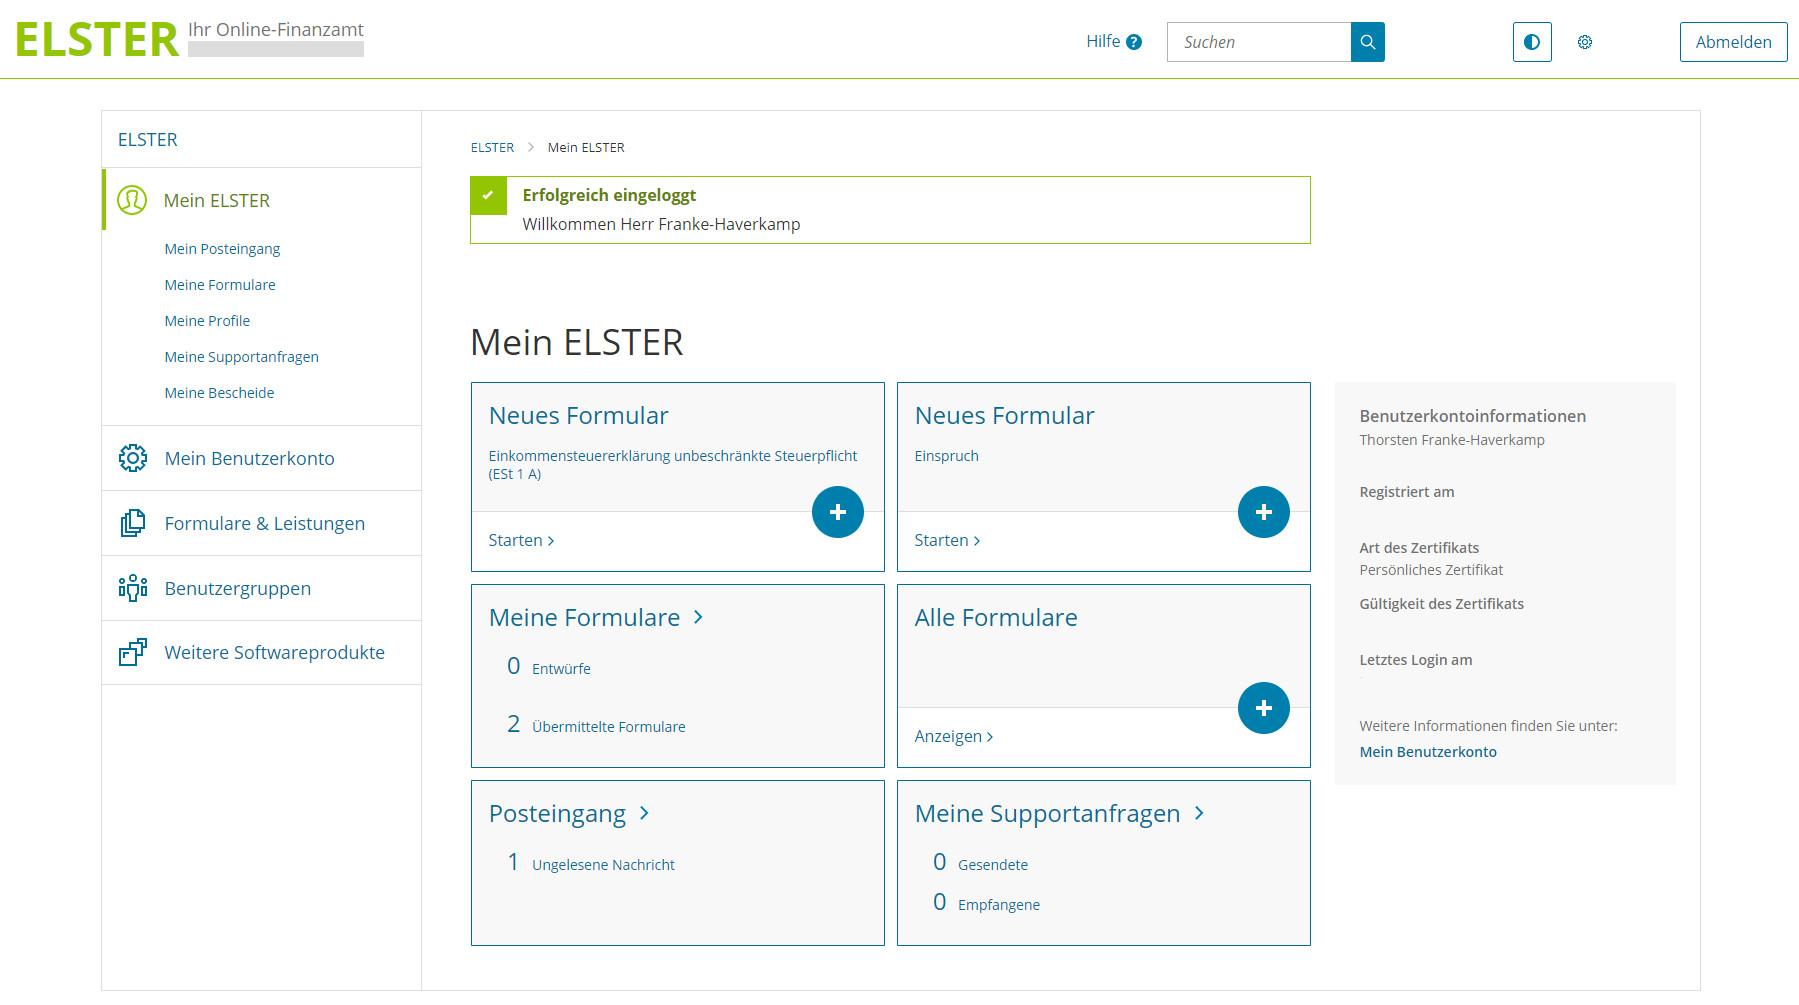 Screenshot 1 - Mein Elster: Online-Steuererklärung im Internet